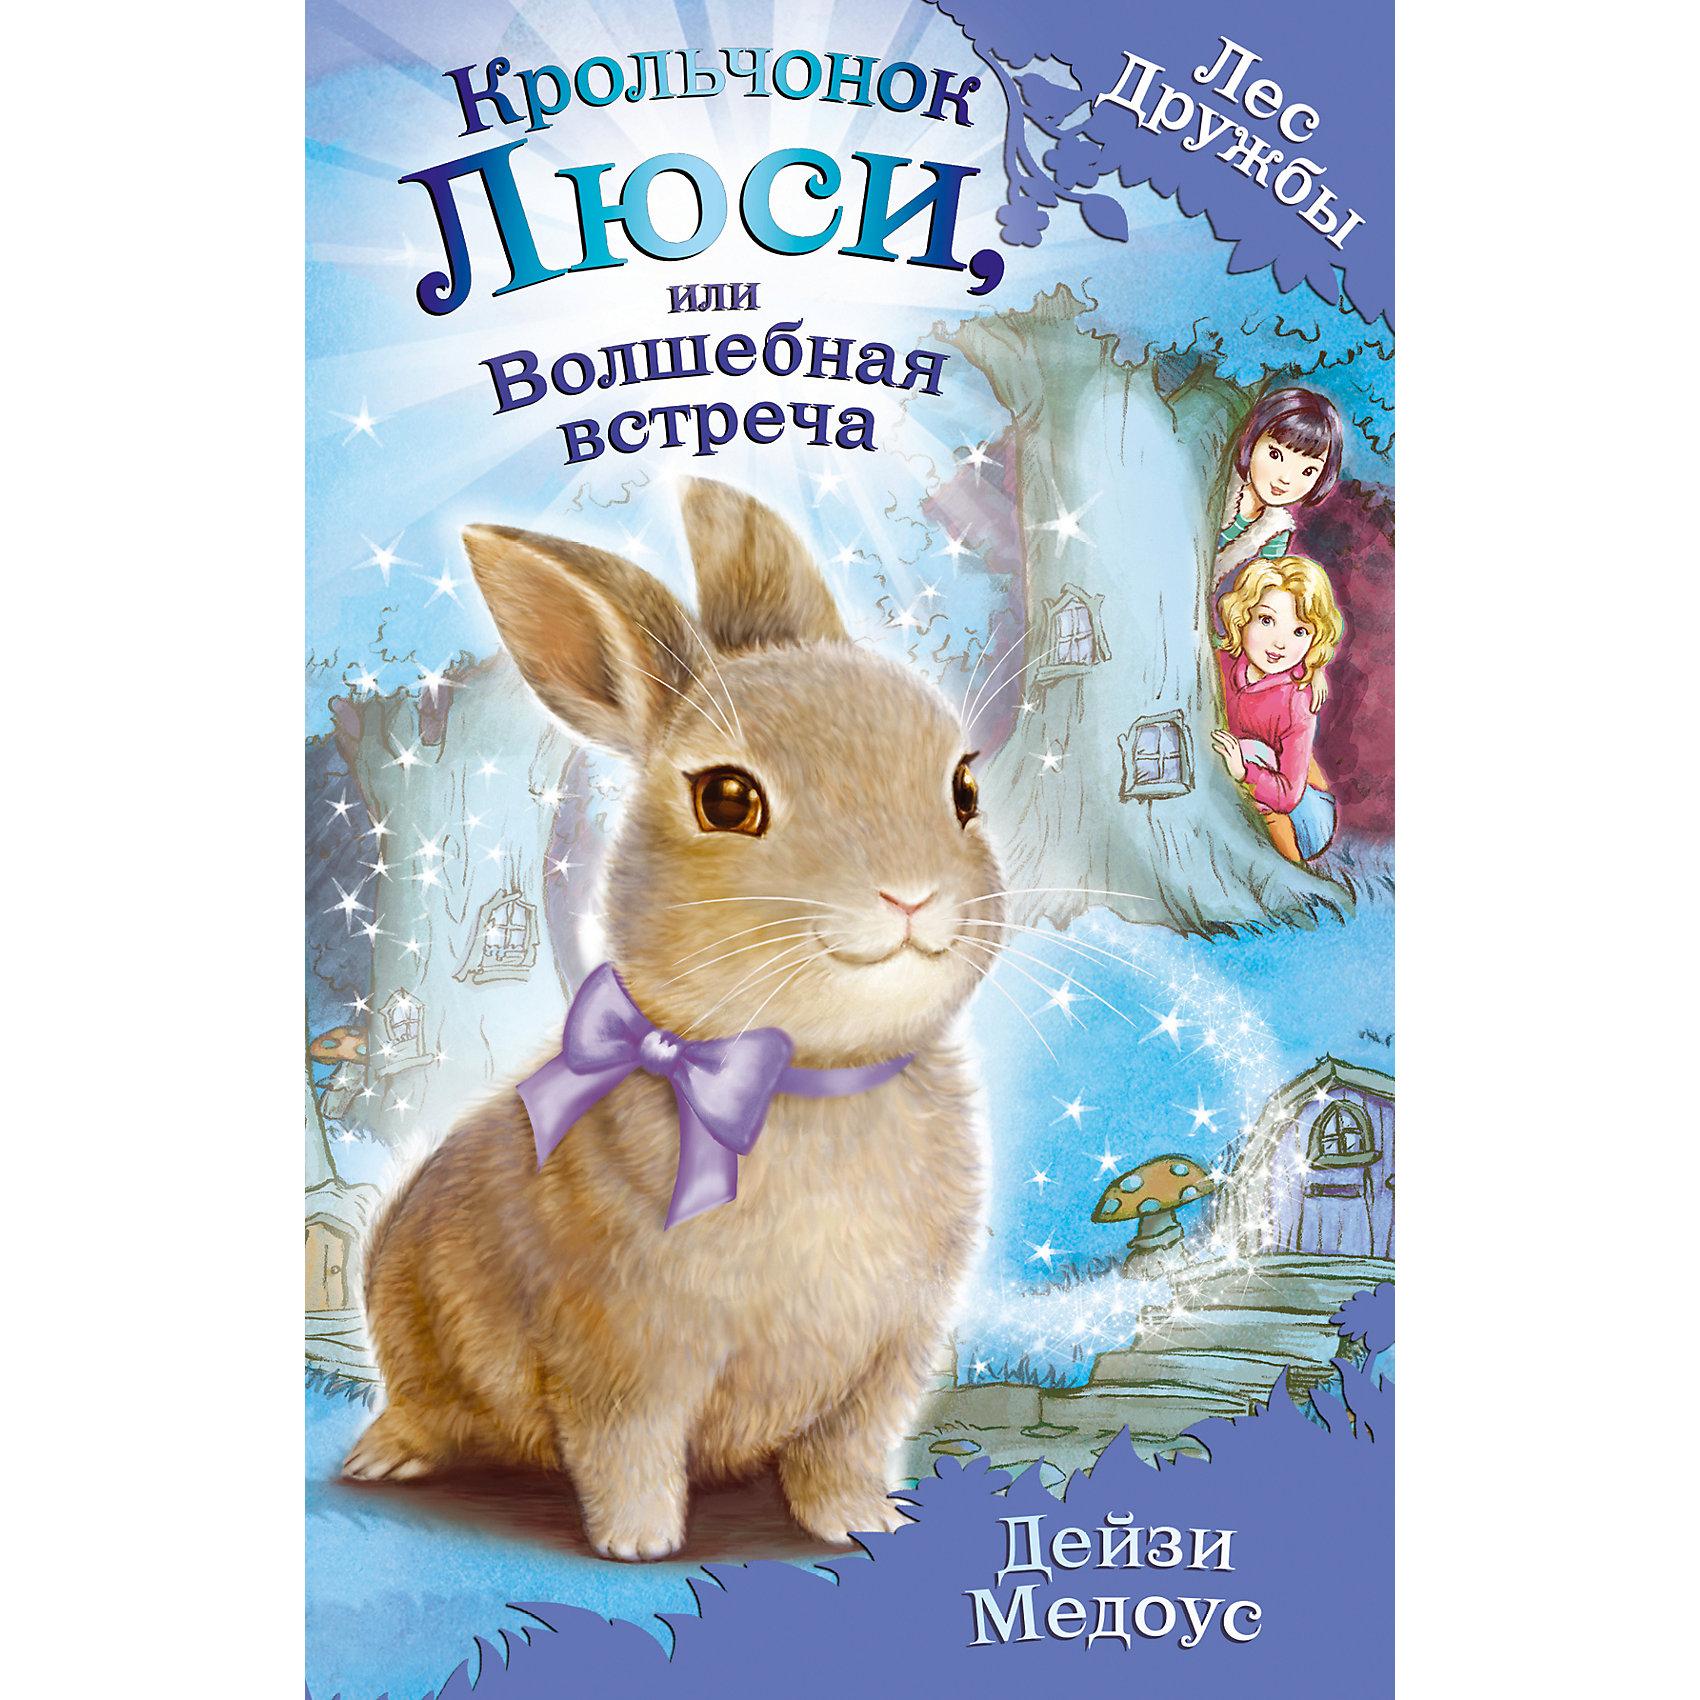 Книга Крольчонок Люси, или Волшебная встреча, Дейзи МедоусКнига Крольчонок Люси, или Волшебная встреча, Дейзи Медоус – это увлекательная повесть о приключениях подруг Лили и Джесс.<br>Дейзи Медоус - автор более ста книг для детей, среди которых серия Rainbow Magic - всемирный бестселлер о приключениях фей. Представляем вашему вниманию ее новый проект! Лили и Джесс - лучшие подруги, они обожают животных и даже помогают в ветклинике. Однажды девочки знакомятся с необычной кошкой Голди, которая привела их в волшебное место – Лес Дружбы, где все животные умеют разговаривать. С этого дня приключения следуют одно за другим! Первой, кого встретили Лили и Джесс, оказалась Люси Длинноус, любопытный крольчонок. Но внезапно, прямо на глазах у девочек, Люси похитили злые тролли! Что же делать? Джесс и Лили пускаются в погоню, но троллей и след простыл. Помочь подружкам может только мудрый филин…  Для младшего школьного возраста.<br><br>Дополнительная информация:<br><br>- Автор: Медоус Дейзи<br>- Переводчик: Романенко Е. А.<br>- Издательство: Эксмо, 2015 г.<br>- Серия: Лес Дружбы. Волшебные истории о зверятах<br>- Тип обложки: 7Б - твердая (плотная бумага или картон)<br>- Оформление: частичная лакировка, глитер (блестки)<br>- Иллюстрации: черно-белые<br>- Количество страниц: 128 (офсет)<br>- Размер: 206x132x12 мм.<br>- Вес: 242 гр.<br><br>Книгу Крольчонок Люси, или Волшебная встреча, Дейзи Медоус можно купить в нашем интернет-магазине.<br><br>Ширина мм: 206<br>Глубина мм: 132<br>Высота мм: 12<br>Вес г: 250<br>Возраст от месяцев: 36<br>Возраст до месяцев: 72<br>Пол: Унисекс<br>Возраст: Детский<br>SKU: 4467665